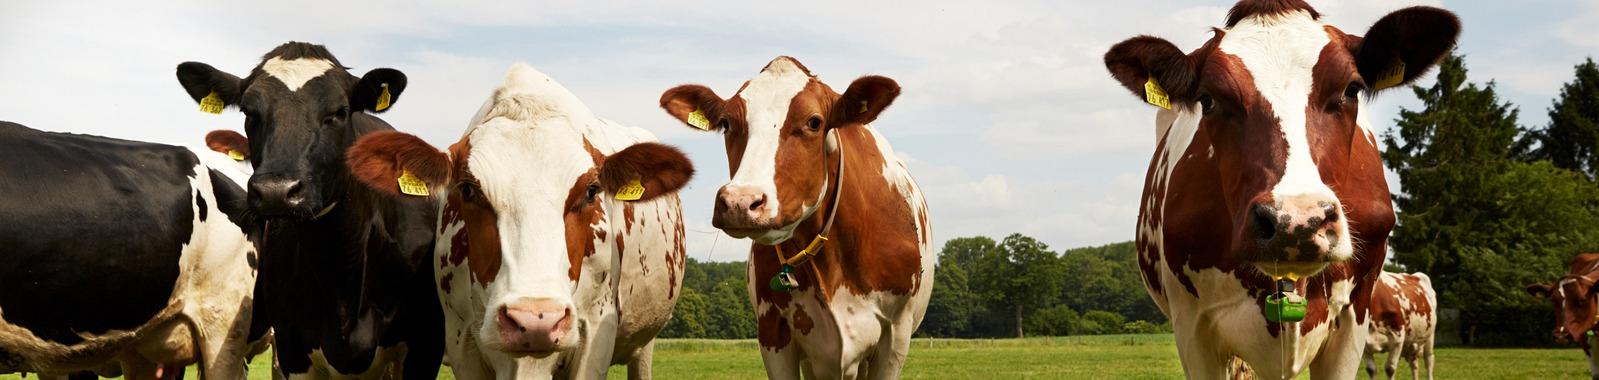 Eläimille fosfori on elintärkeä ravinne